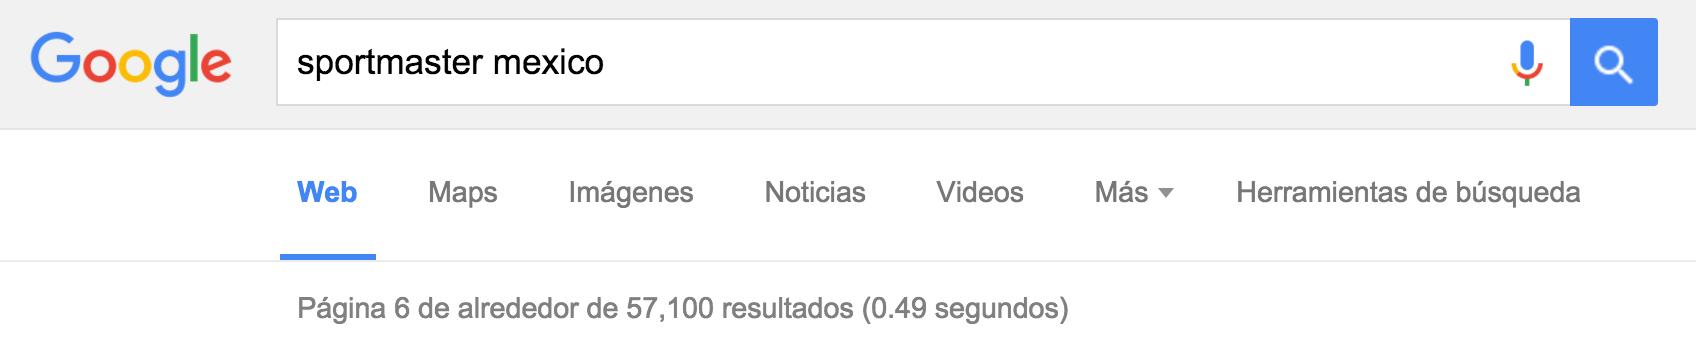 Busqueda que arroja 52mil resultados en Google refiriendose a nuestra empresa